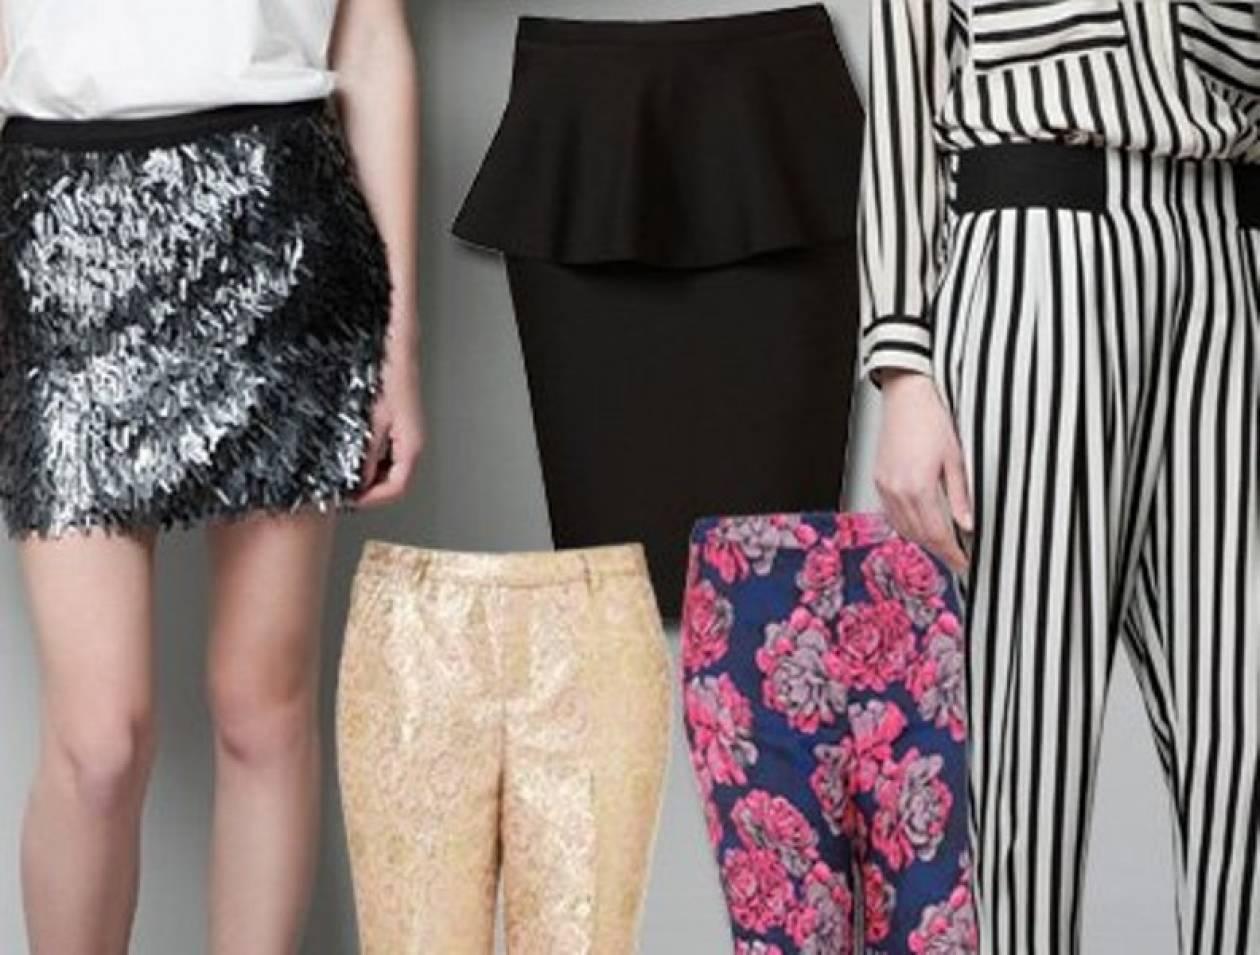 Παντελόνι ή φούστα; Το Queen.gr διαλέγει ρούχα για τις γιορτές